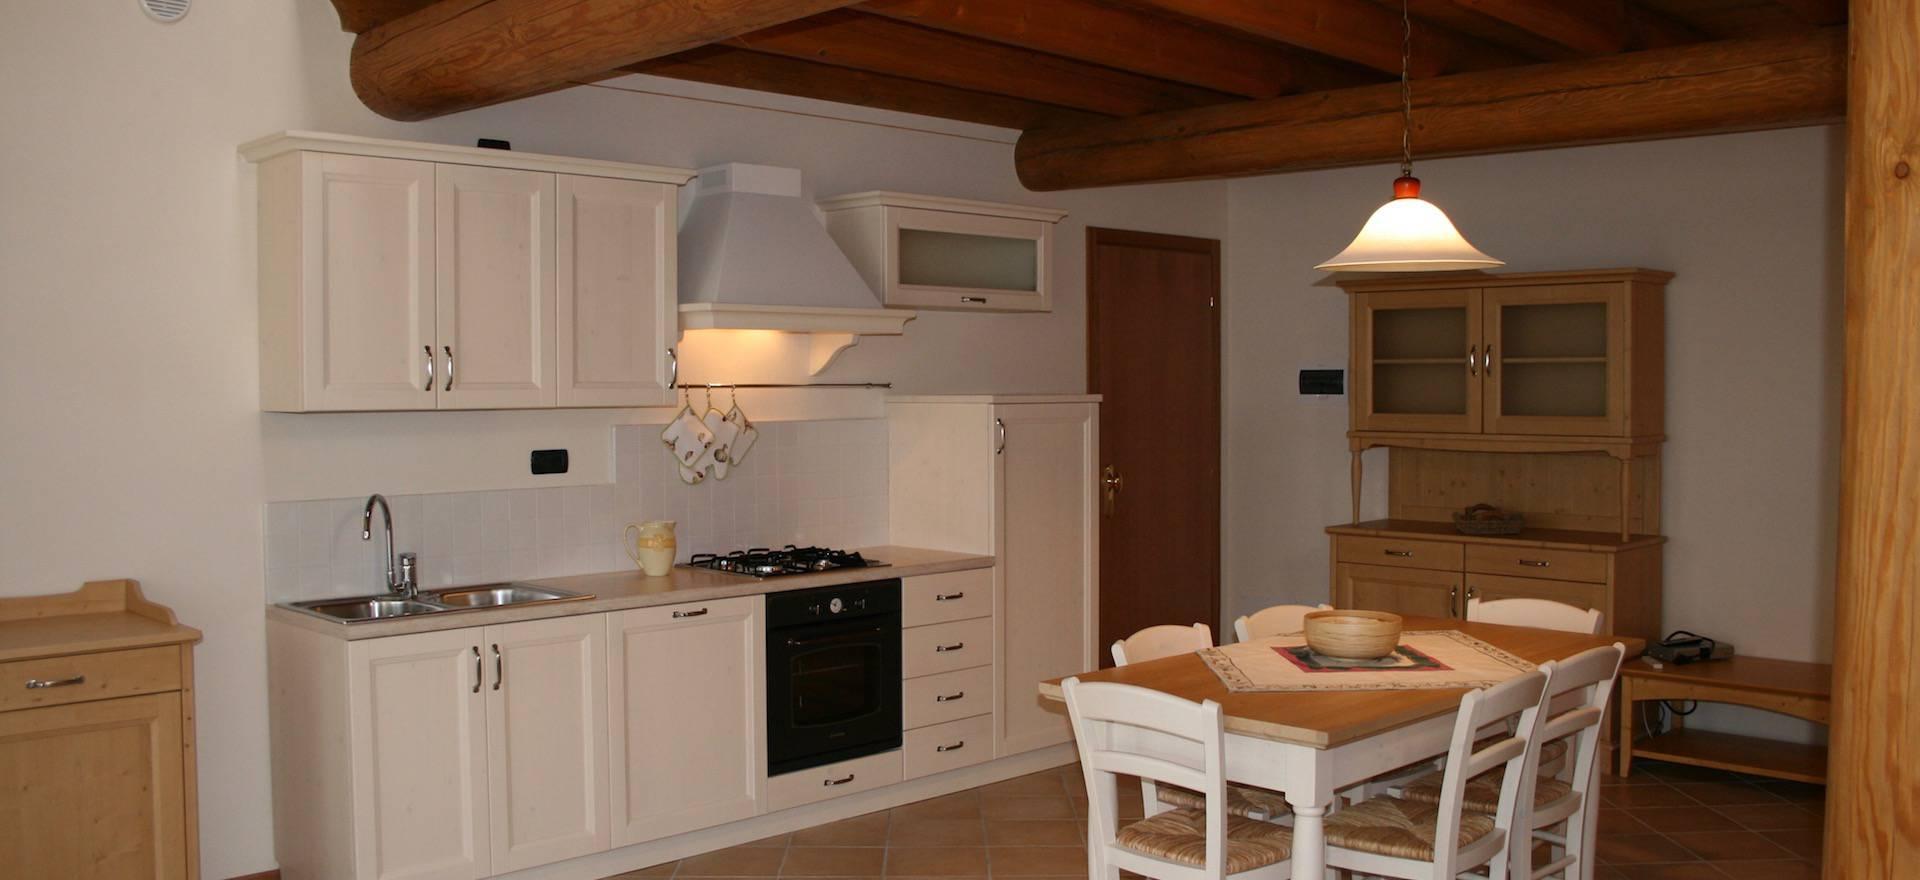 Agriturismo Comomeer en Gardameer Agriturismo Gardameer, mooie appartementen met terras